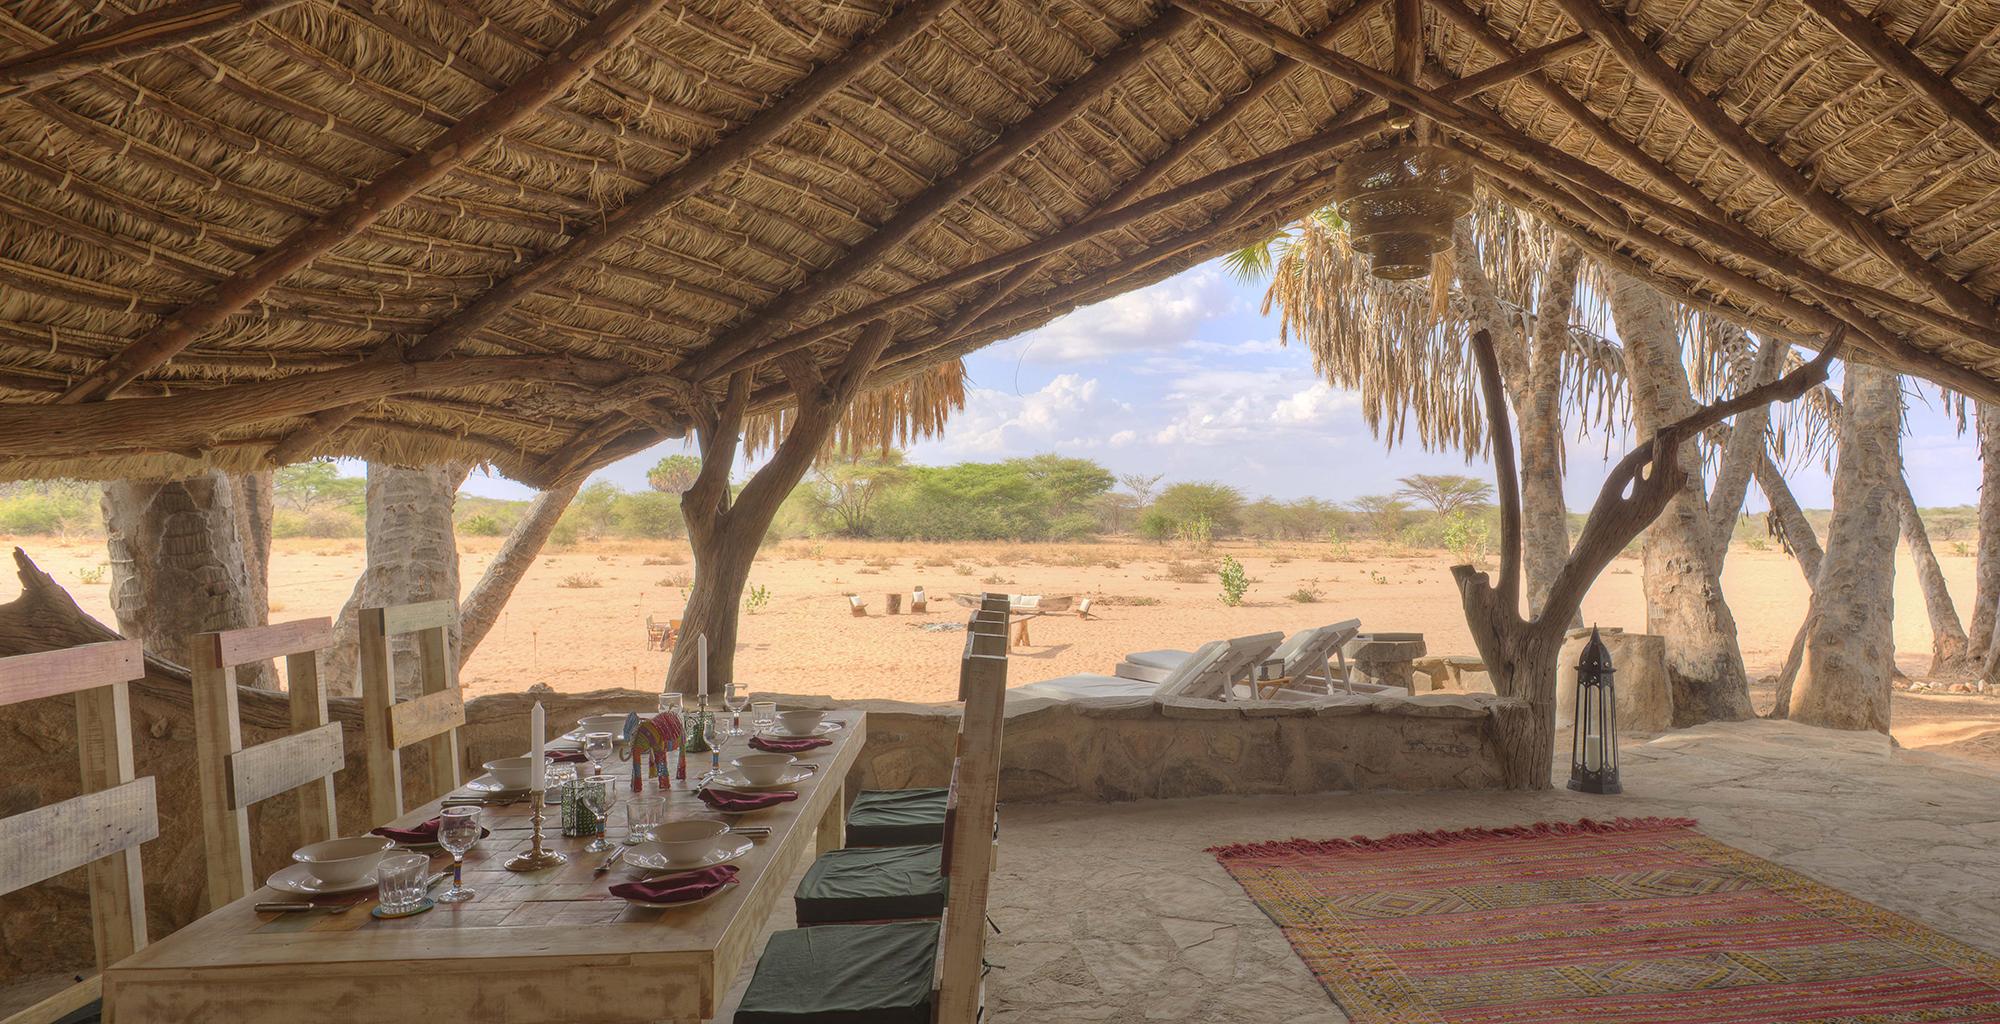 Kenya-Saruni-Rhino-Dining